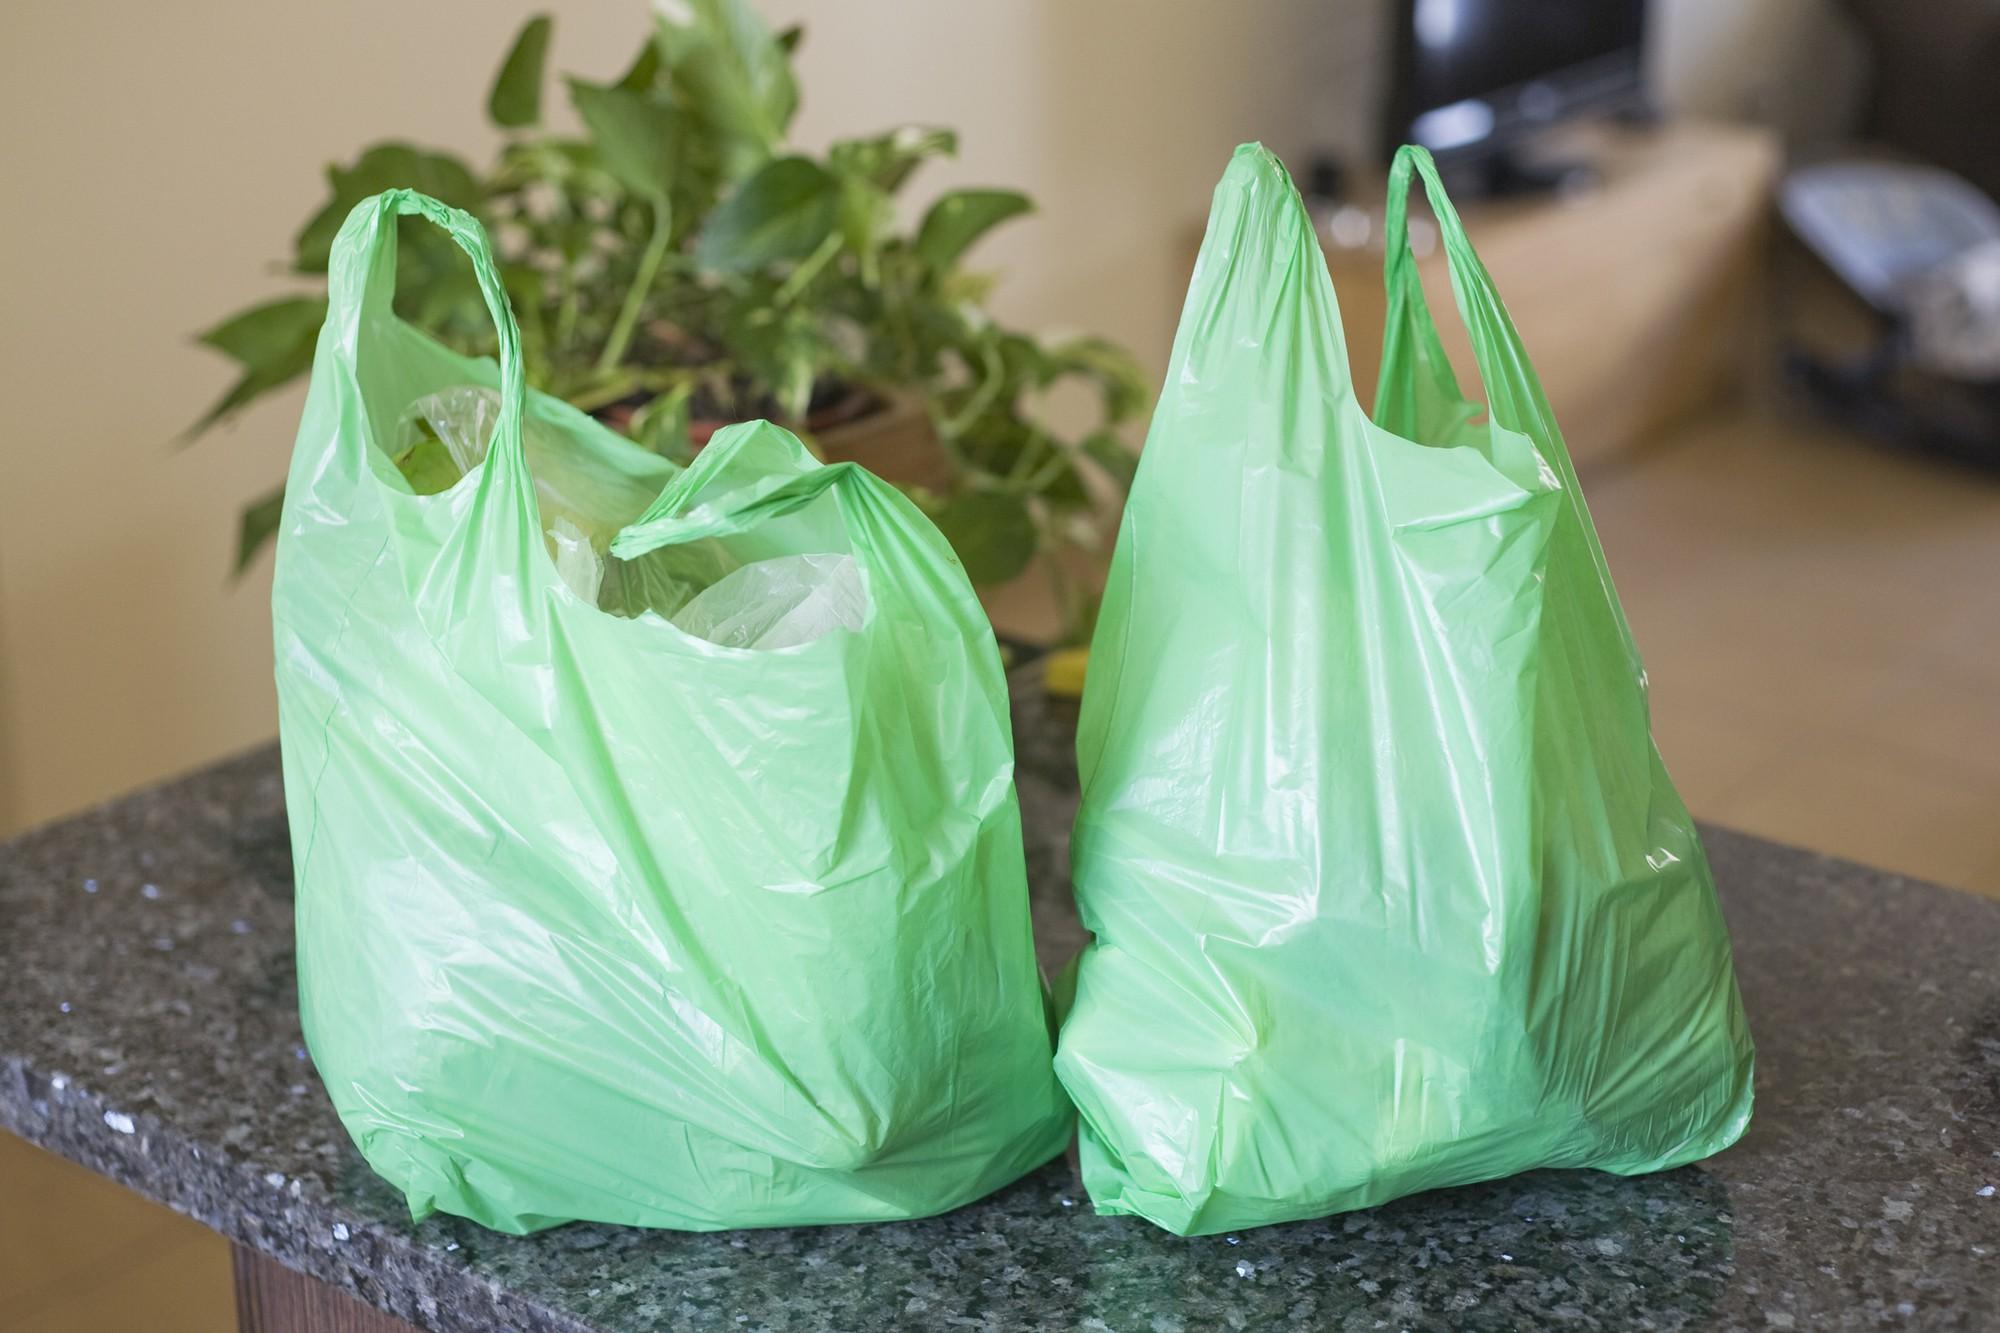 Nghiên cứu thế giới cho biết: túi nhựa, cốc nhựa chất lượng kém chứa 2 loại chất độc hại gây hàng tá bệnh cho con người